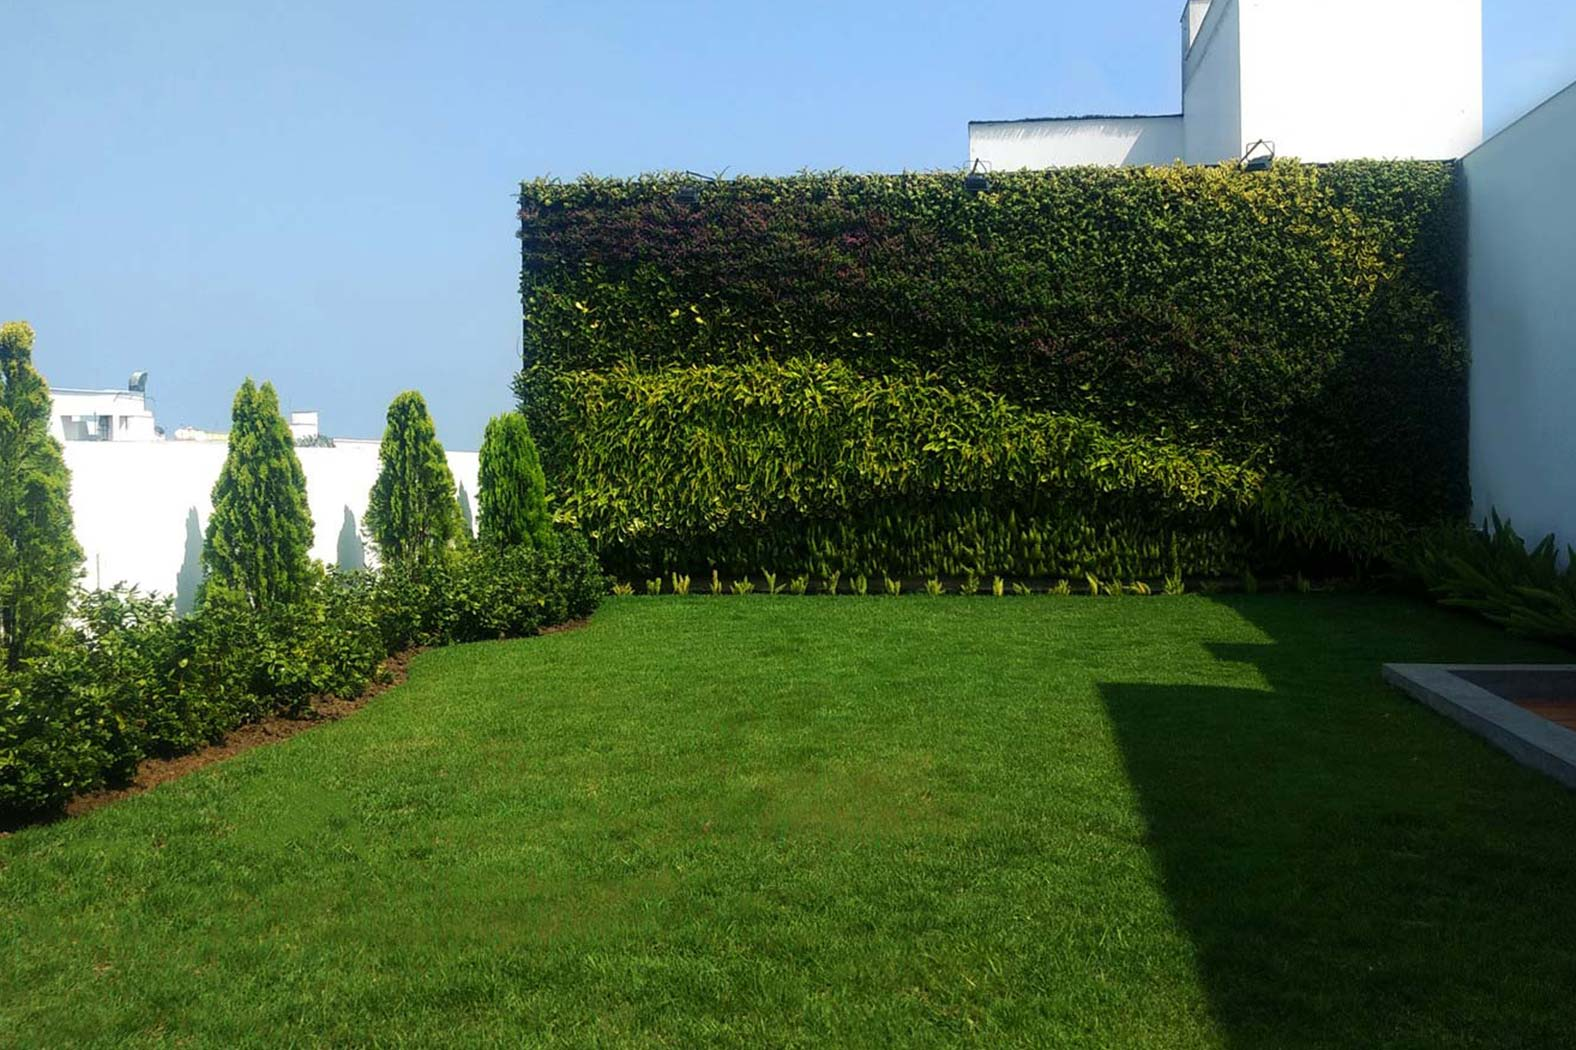 Proyectos jard n vertical jardines verticales for Techos verdes y jardines verticales